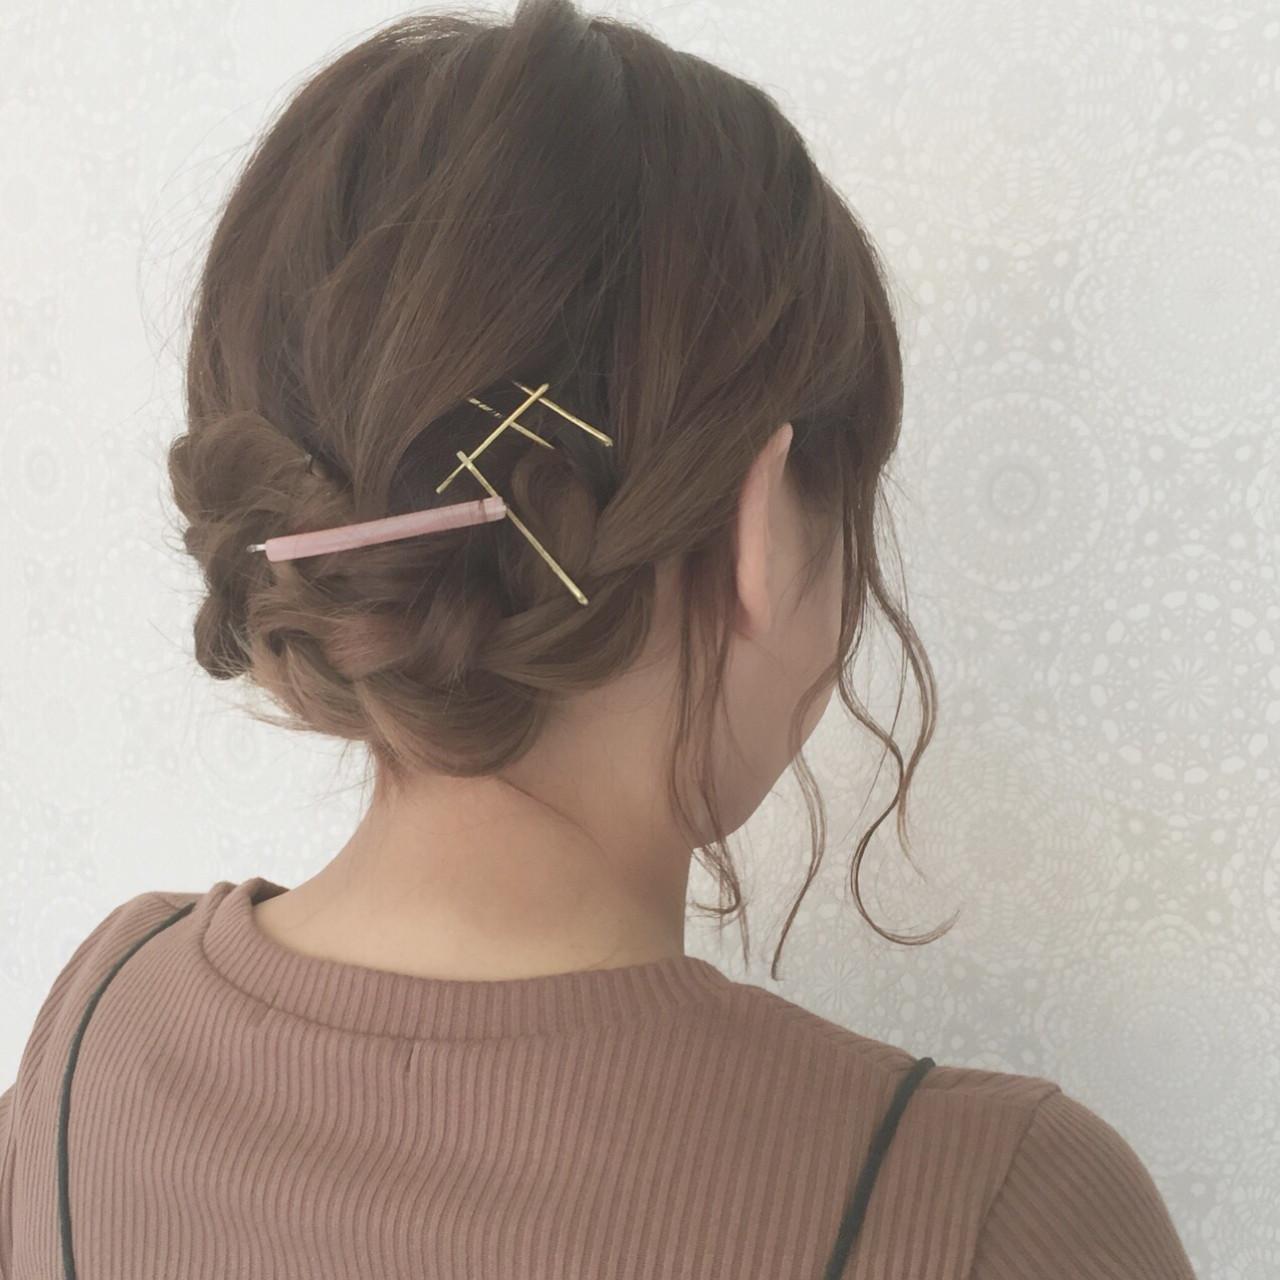 オフィスでも◎大人かわいい♡前髪が長いからこそのアレンジまとめ 石井美那